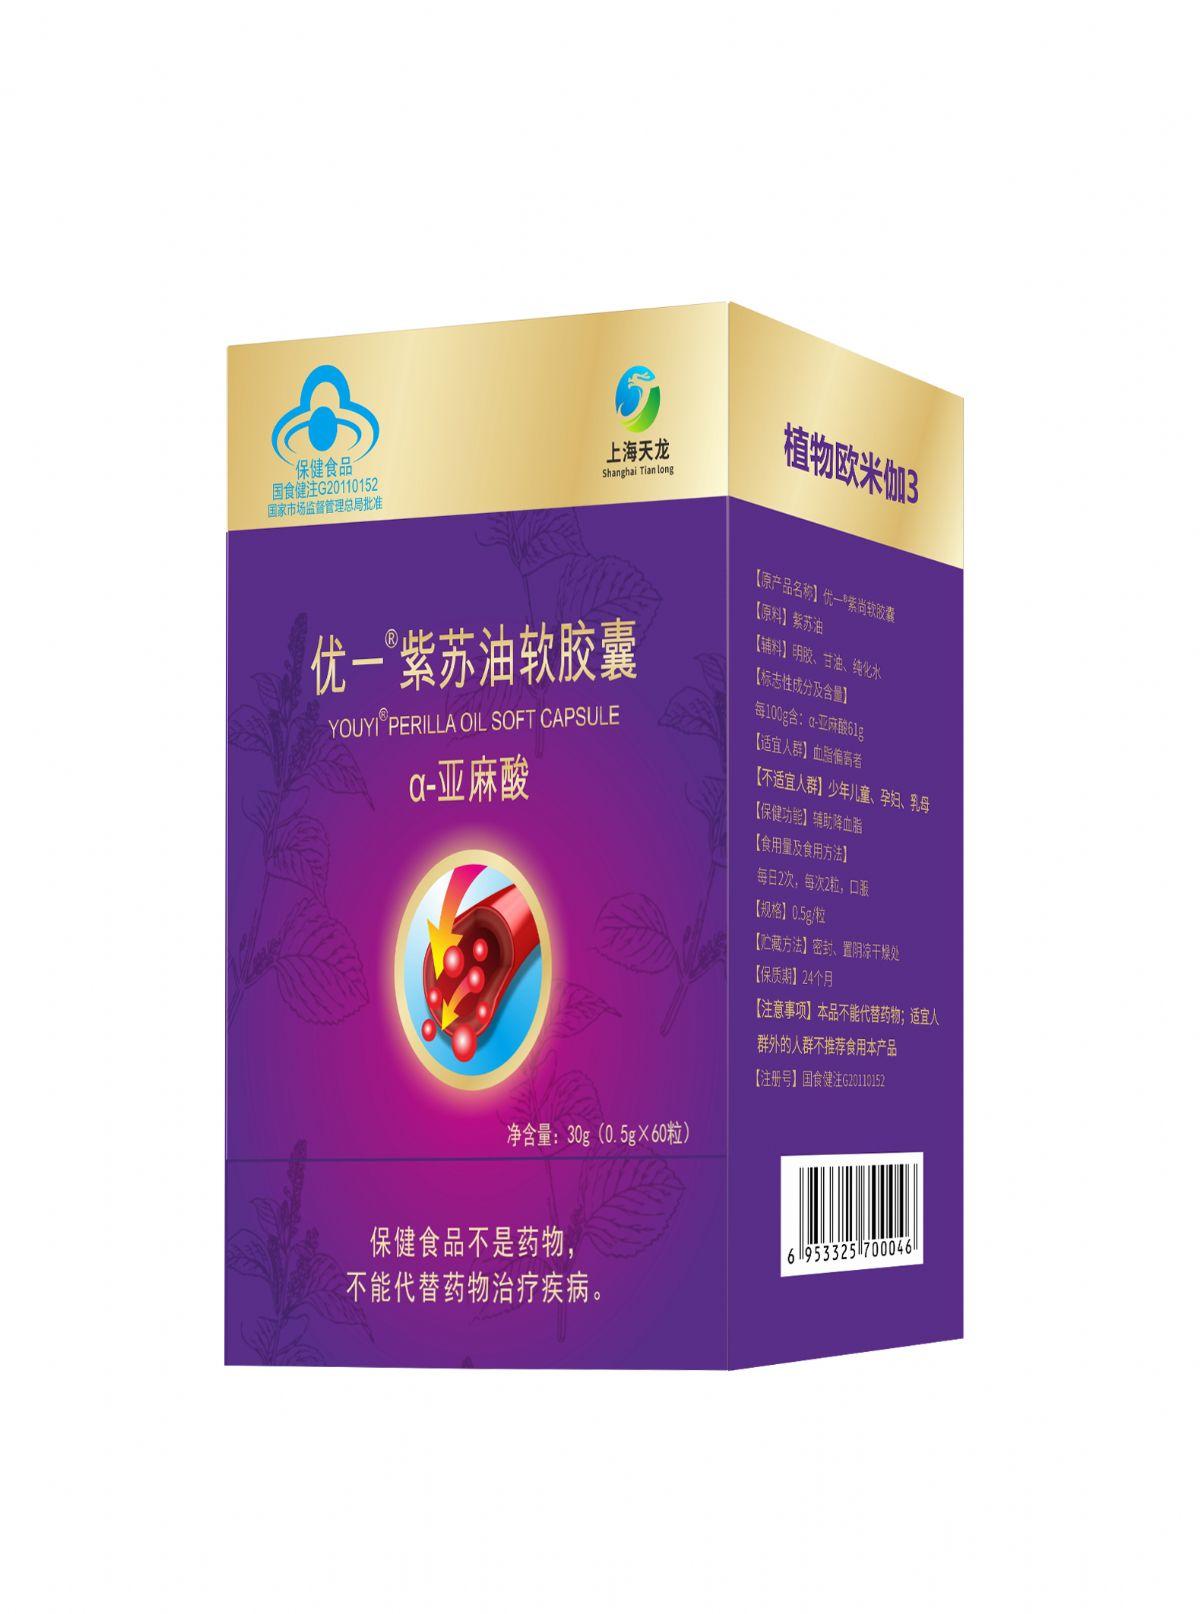 優一牌紫蘇油軟膠囊-輔助降血脂  單瓶裝